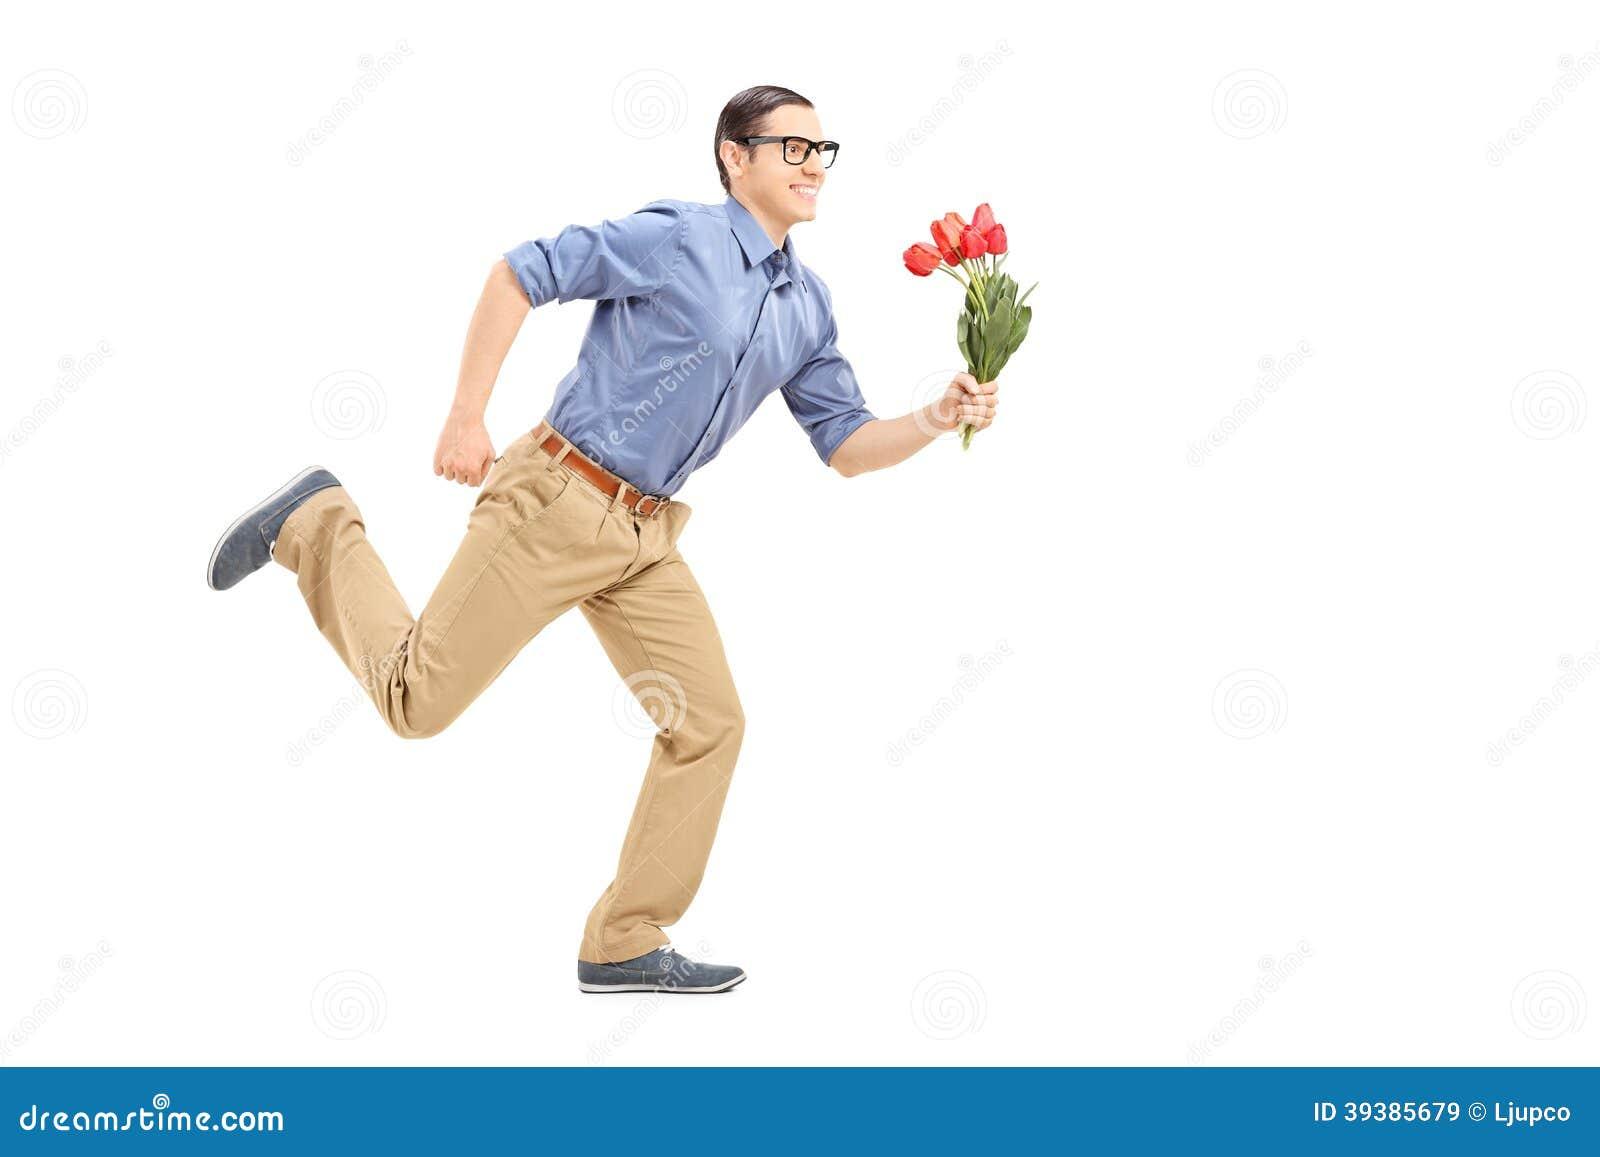 running man 127 online dating